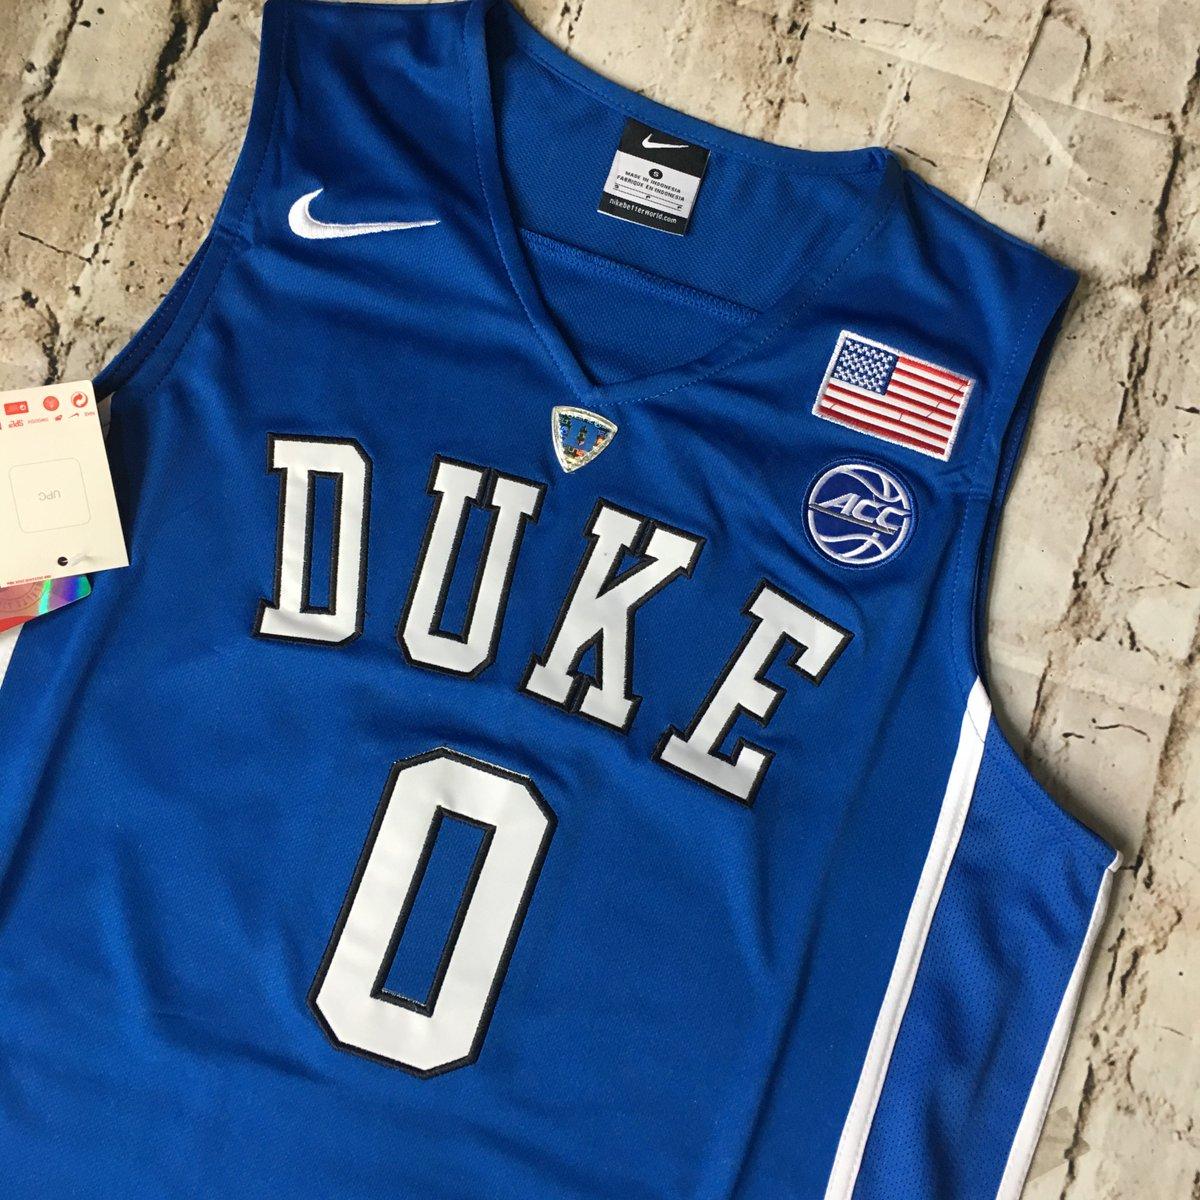 timeless design 02eaf 14c99 duke basketball jersey hashtag on Twitter